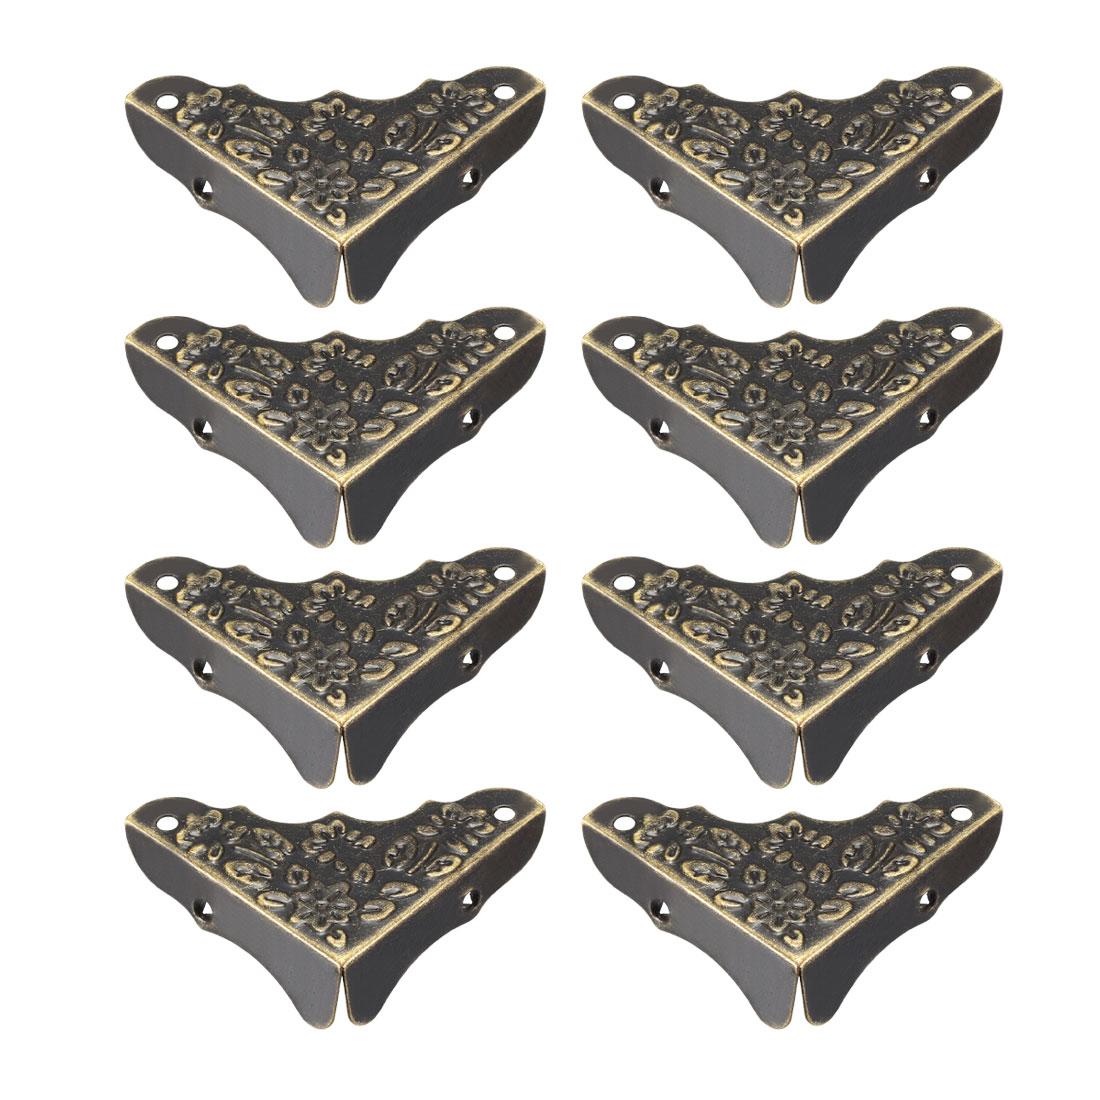 Metal Desk Corner Protectors Table Edge Cover Guard 38x38x12mm Bronze Tone 8pcs